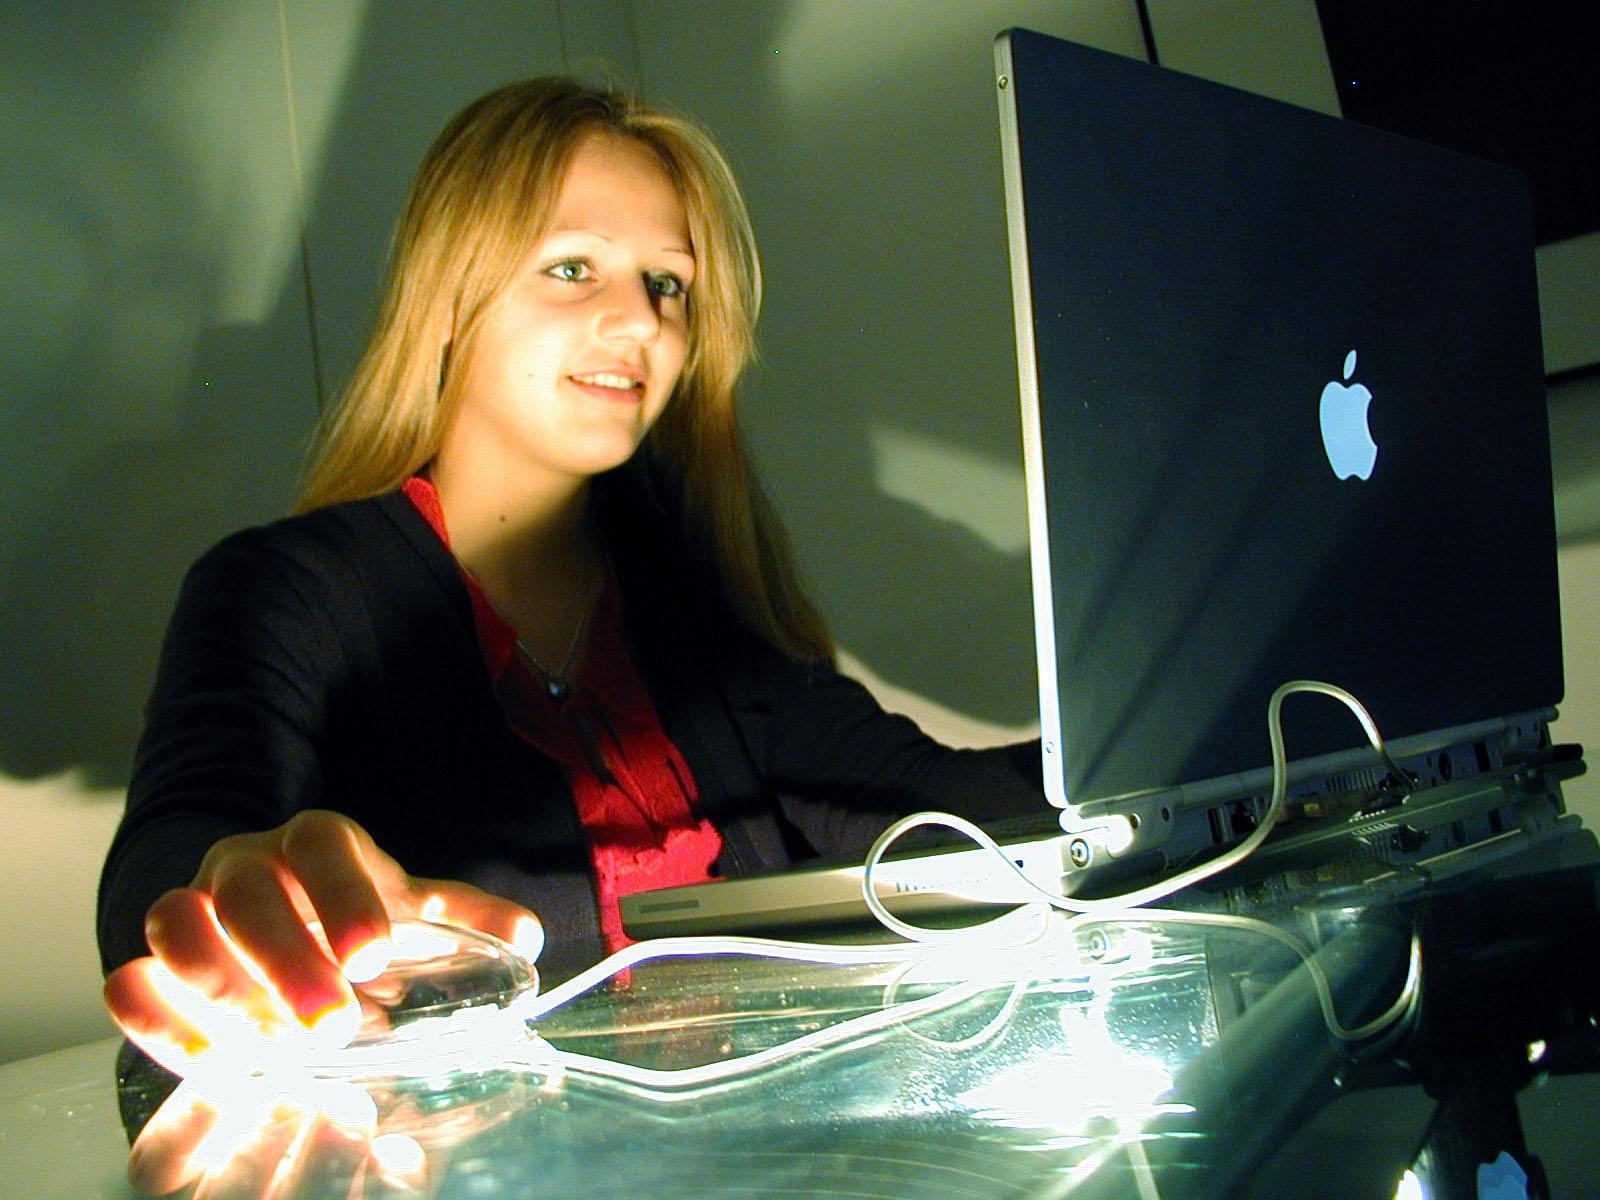 MAR_Soluciones_trabajadora_sonriente_felicidad_efectividad_trabajo_informatica_portatil_negro